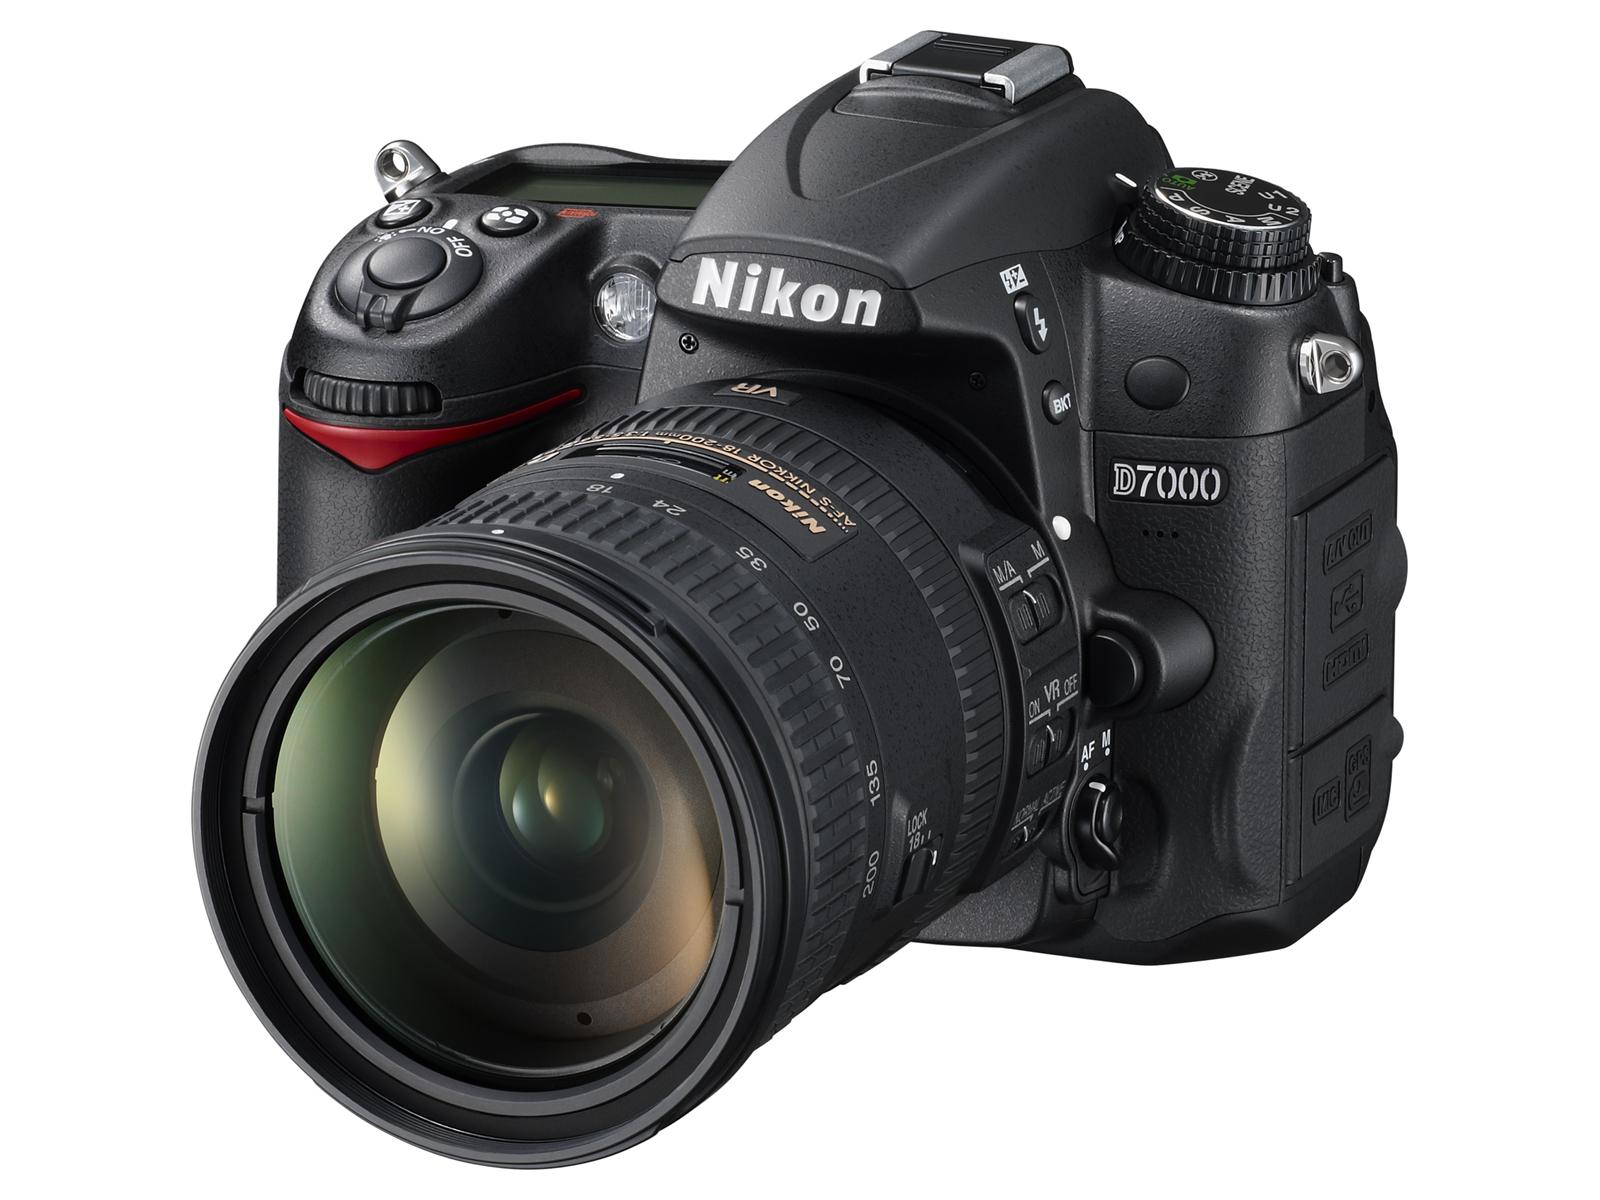 http://3.bp.blogspot.com/-mT10VoTzLYA/TiP1sNWdvaI/AAAAAAAADhc/voCj2knmbFM/s1600/Nikon-D7000-Review.jpg